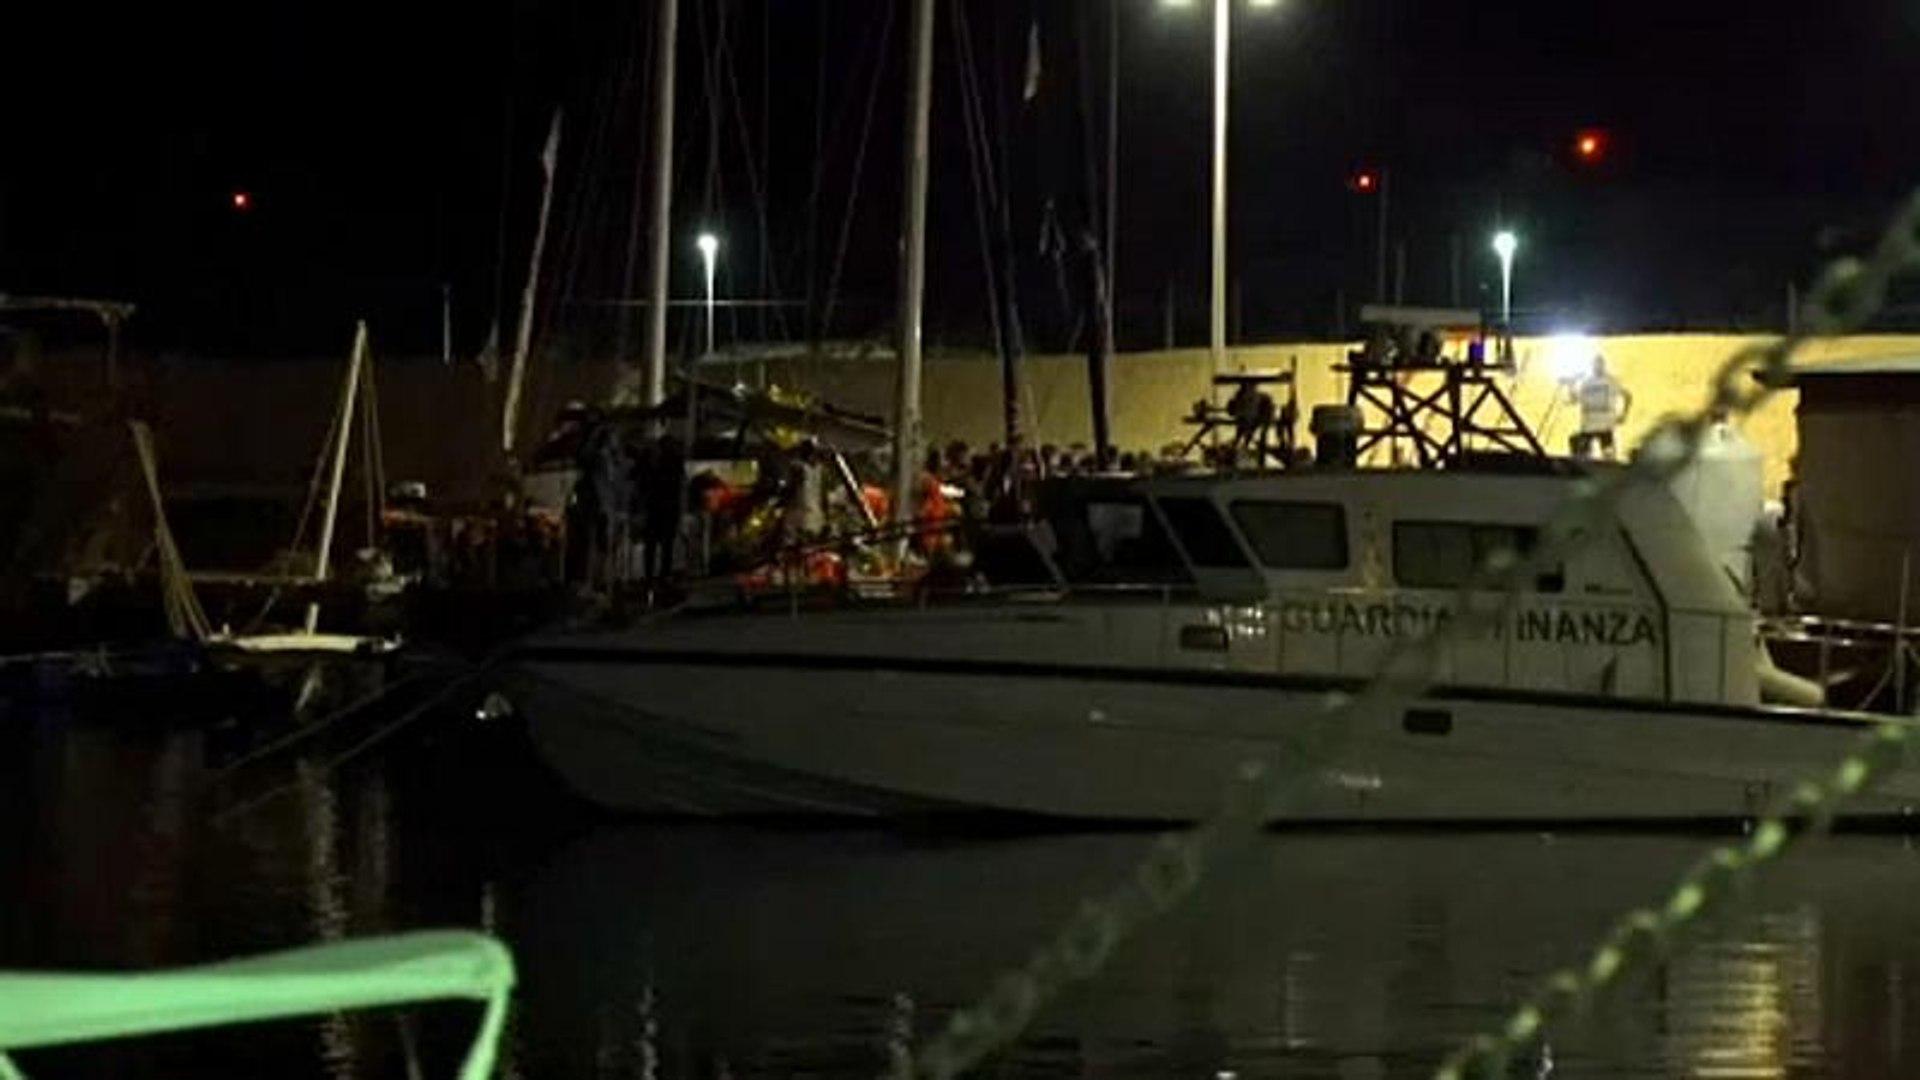 Malte au front sur le sauvetage et sur l'accueil des migrants